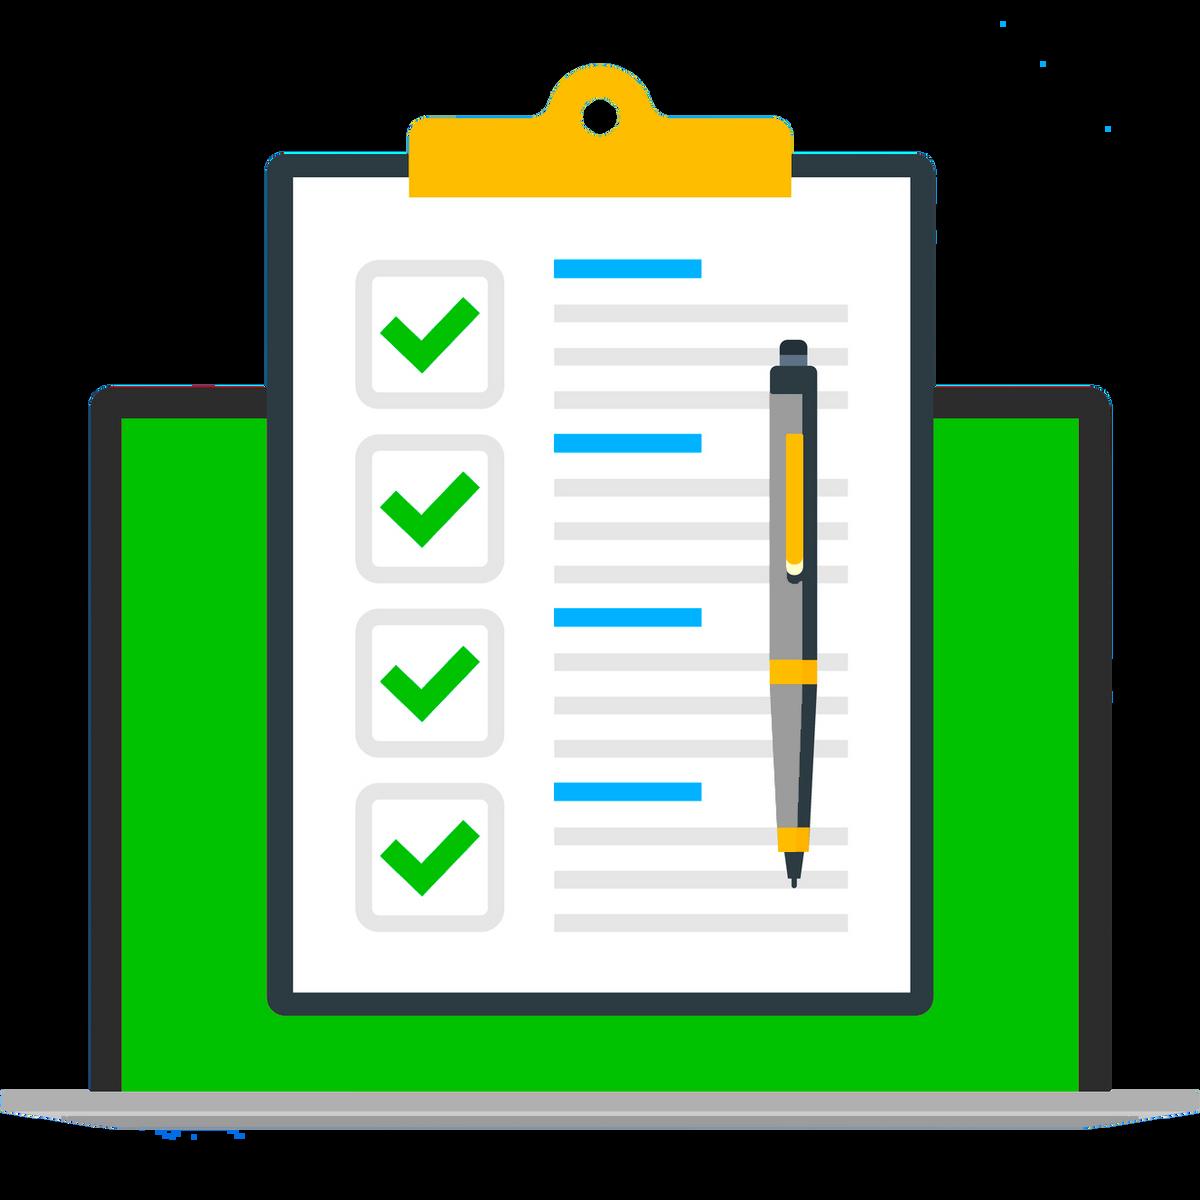 25 чек-листов, которые помогут прокачать ваш бизнес